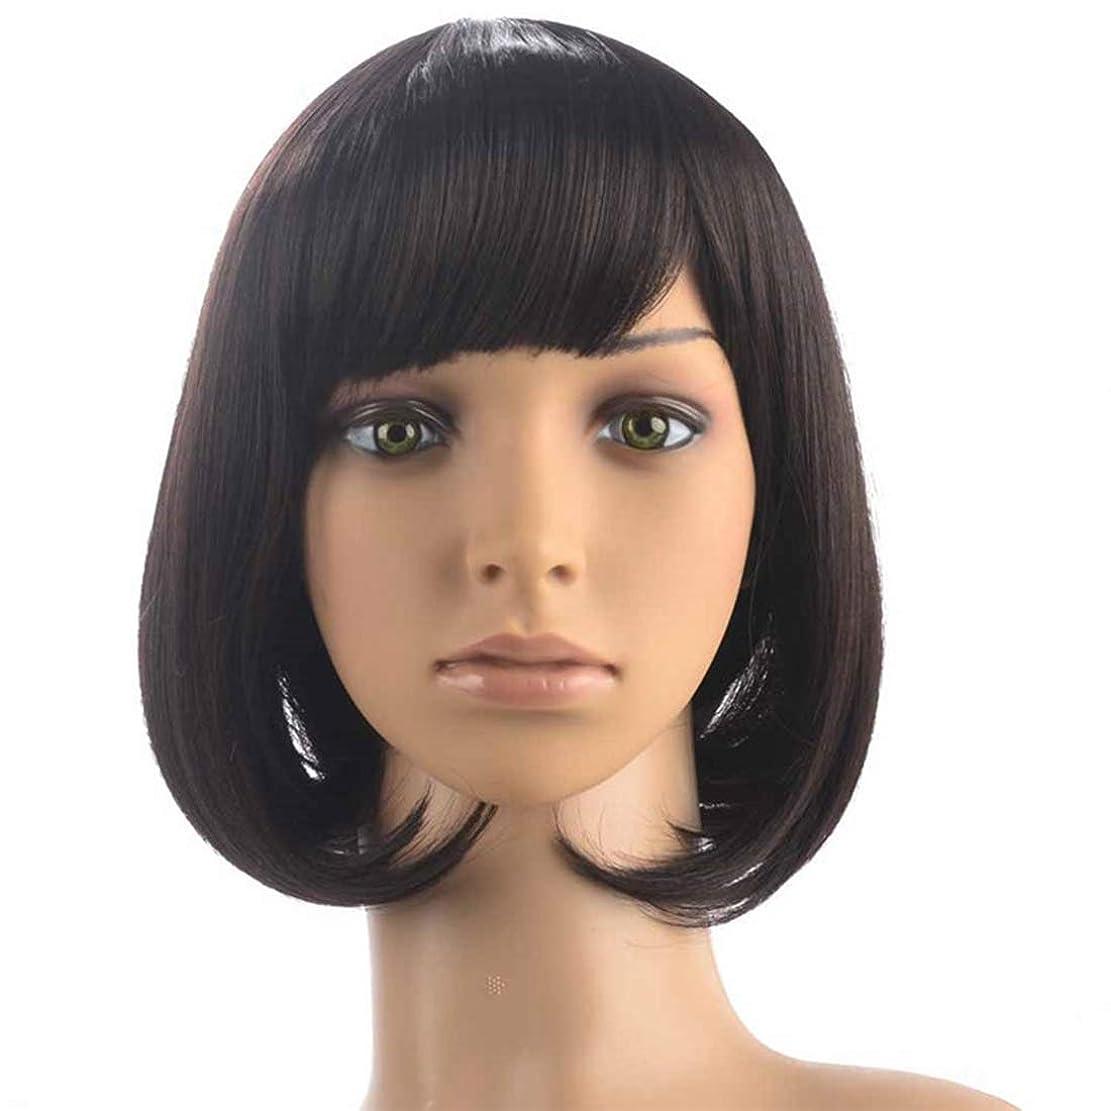 臨検メロン不潔Koloeplf ピュアブラックコスプレウィッグマイクロボリュームショートヘアかわいいスタイリングヨーロッパとアメリカのかつら (Color : ブラック)